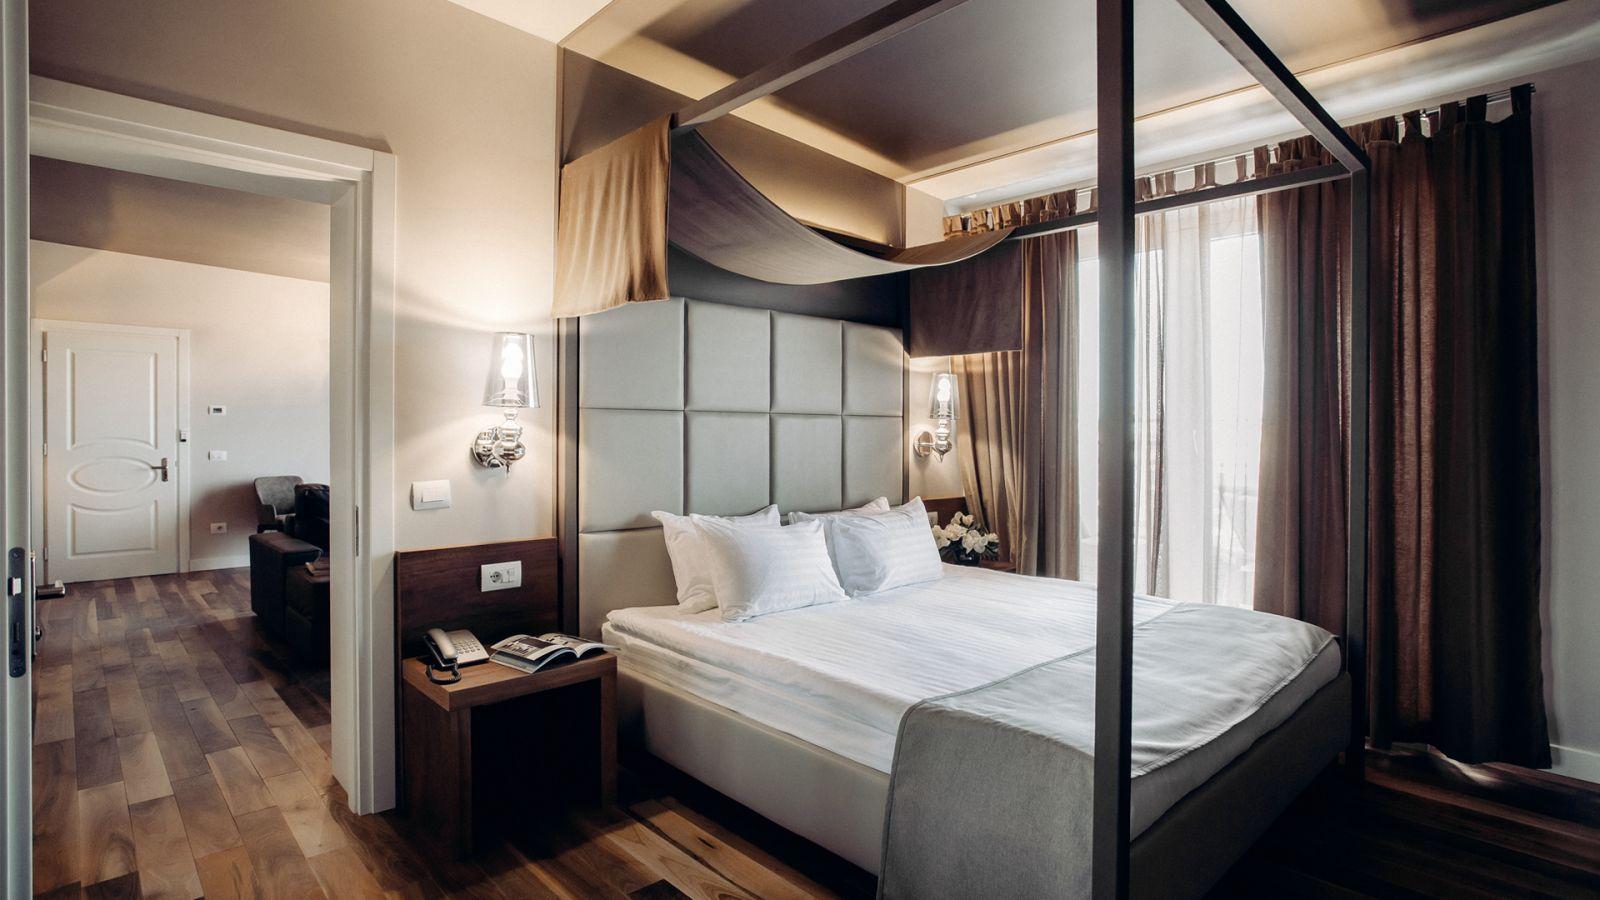 Hotel nel centro di odessa uno design hotel i migliori for Design hotel odessa